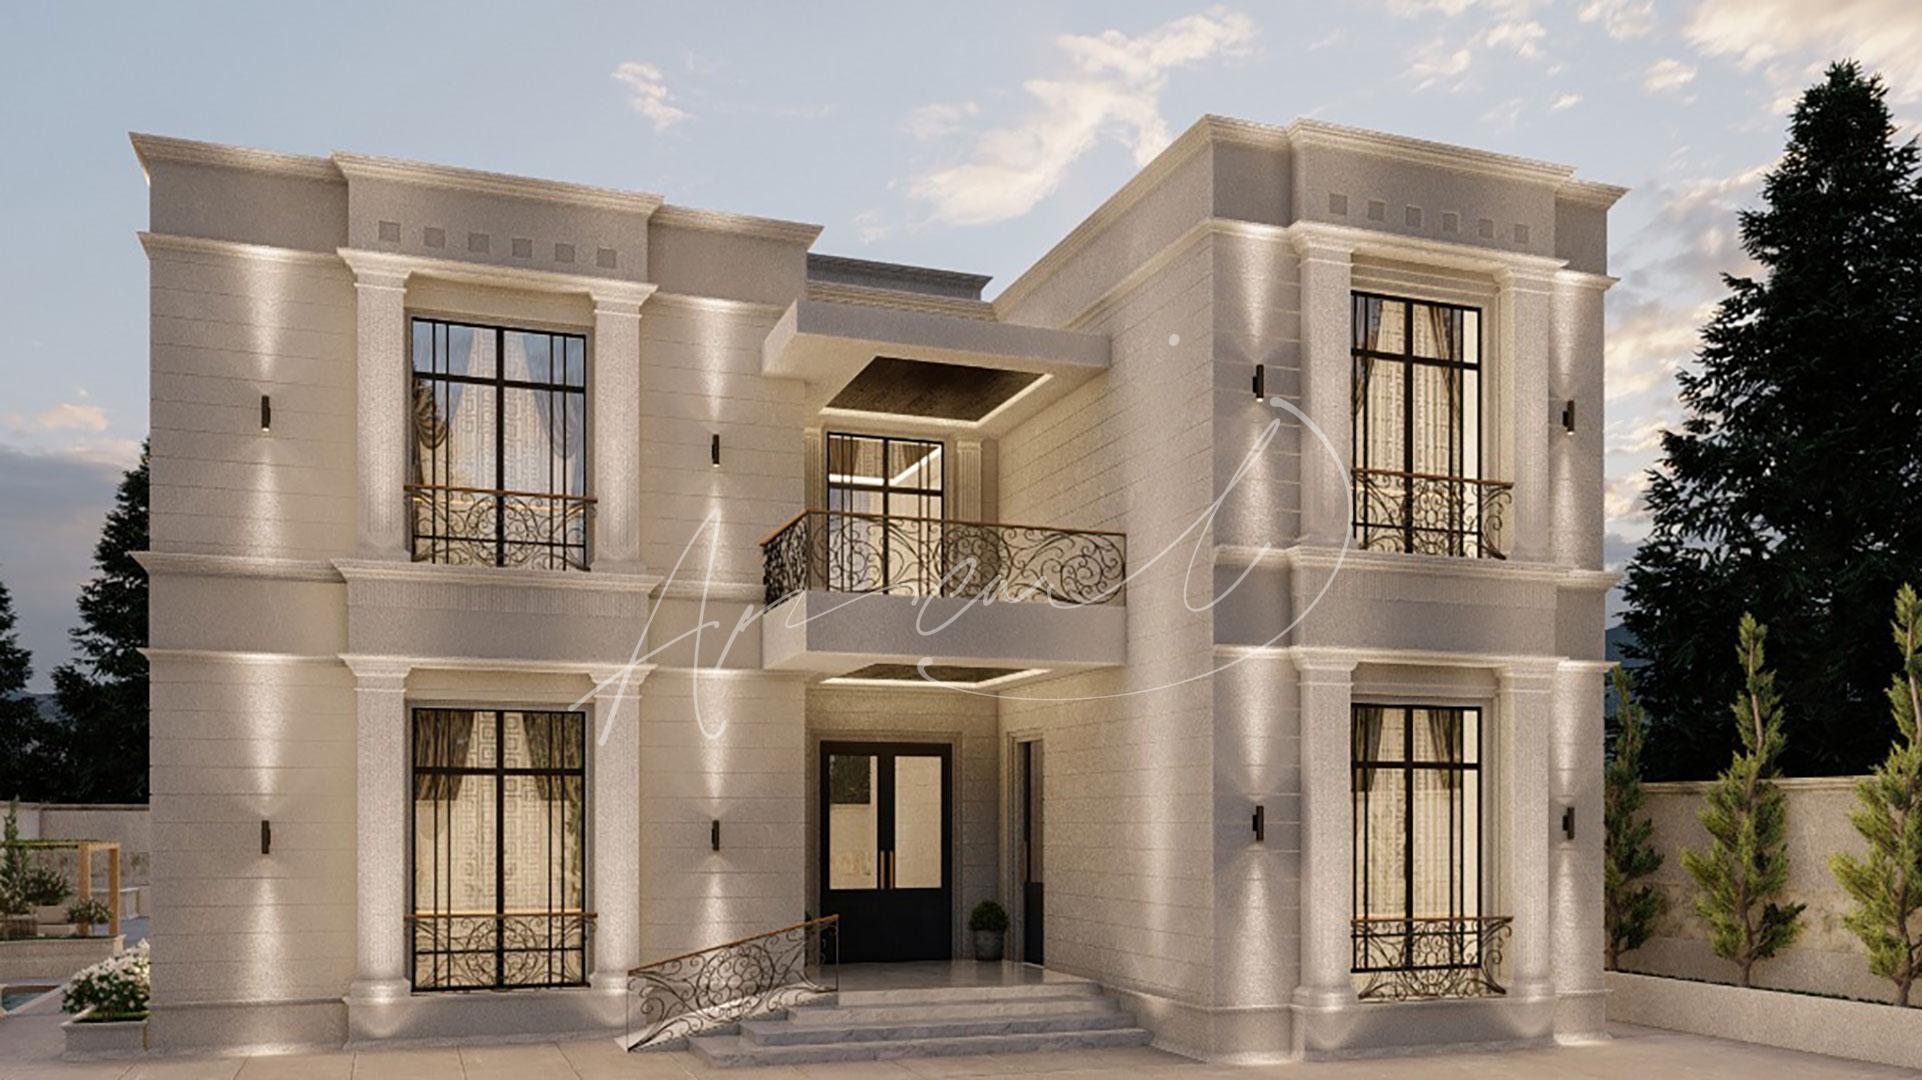 New Classic Villa Design - 054